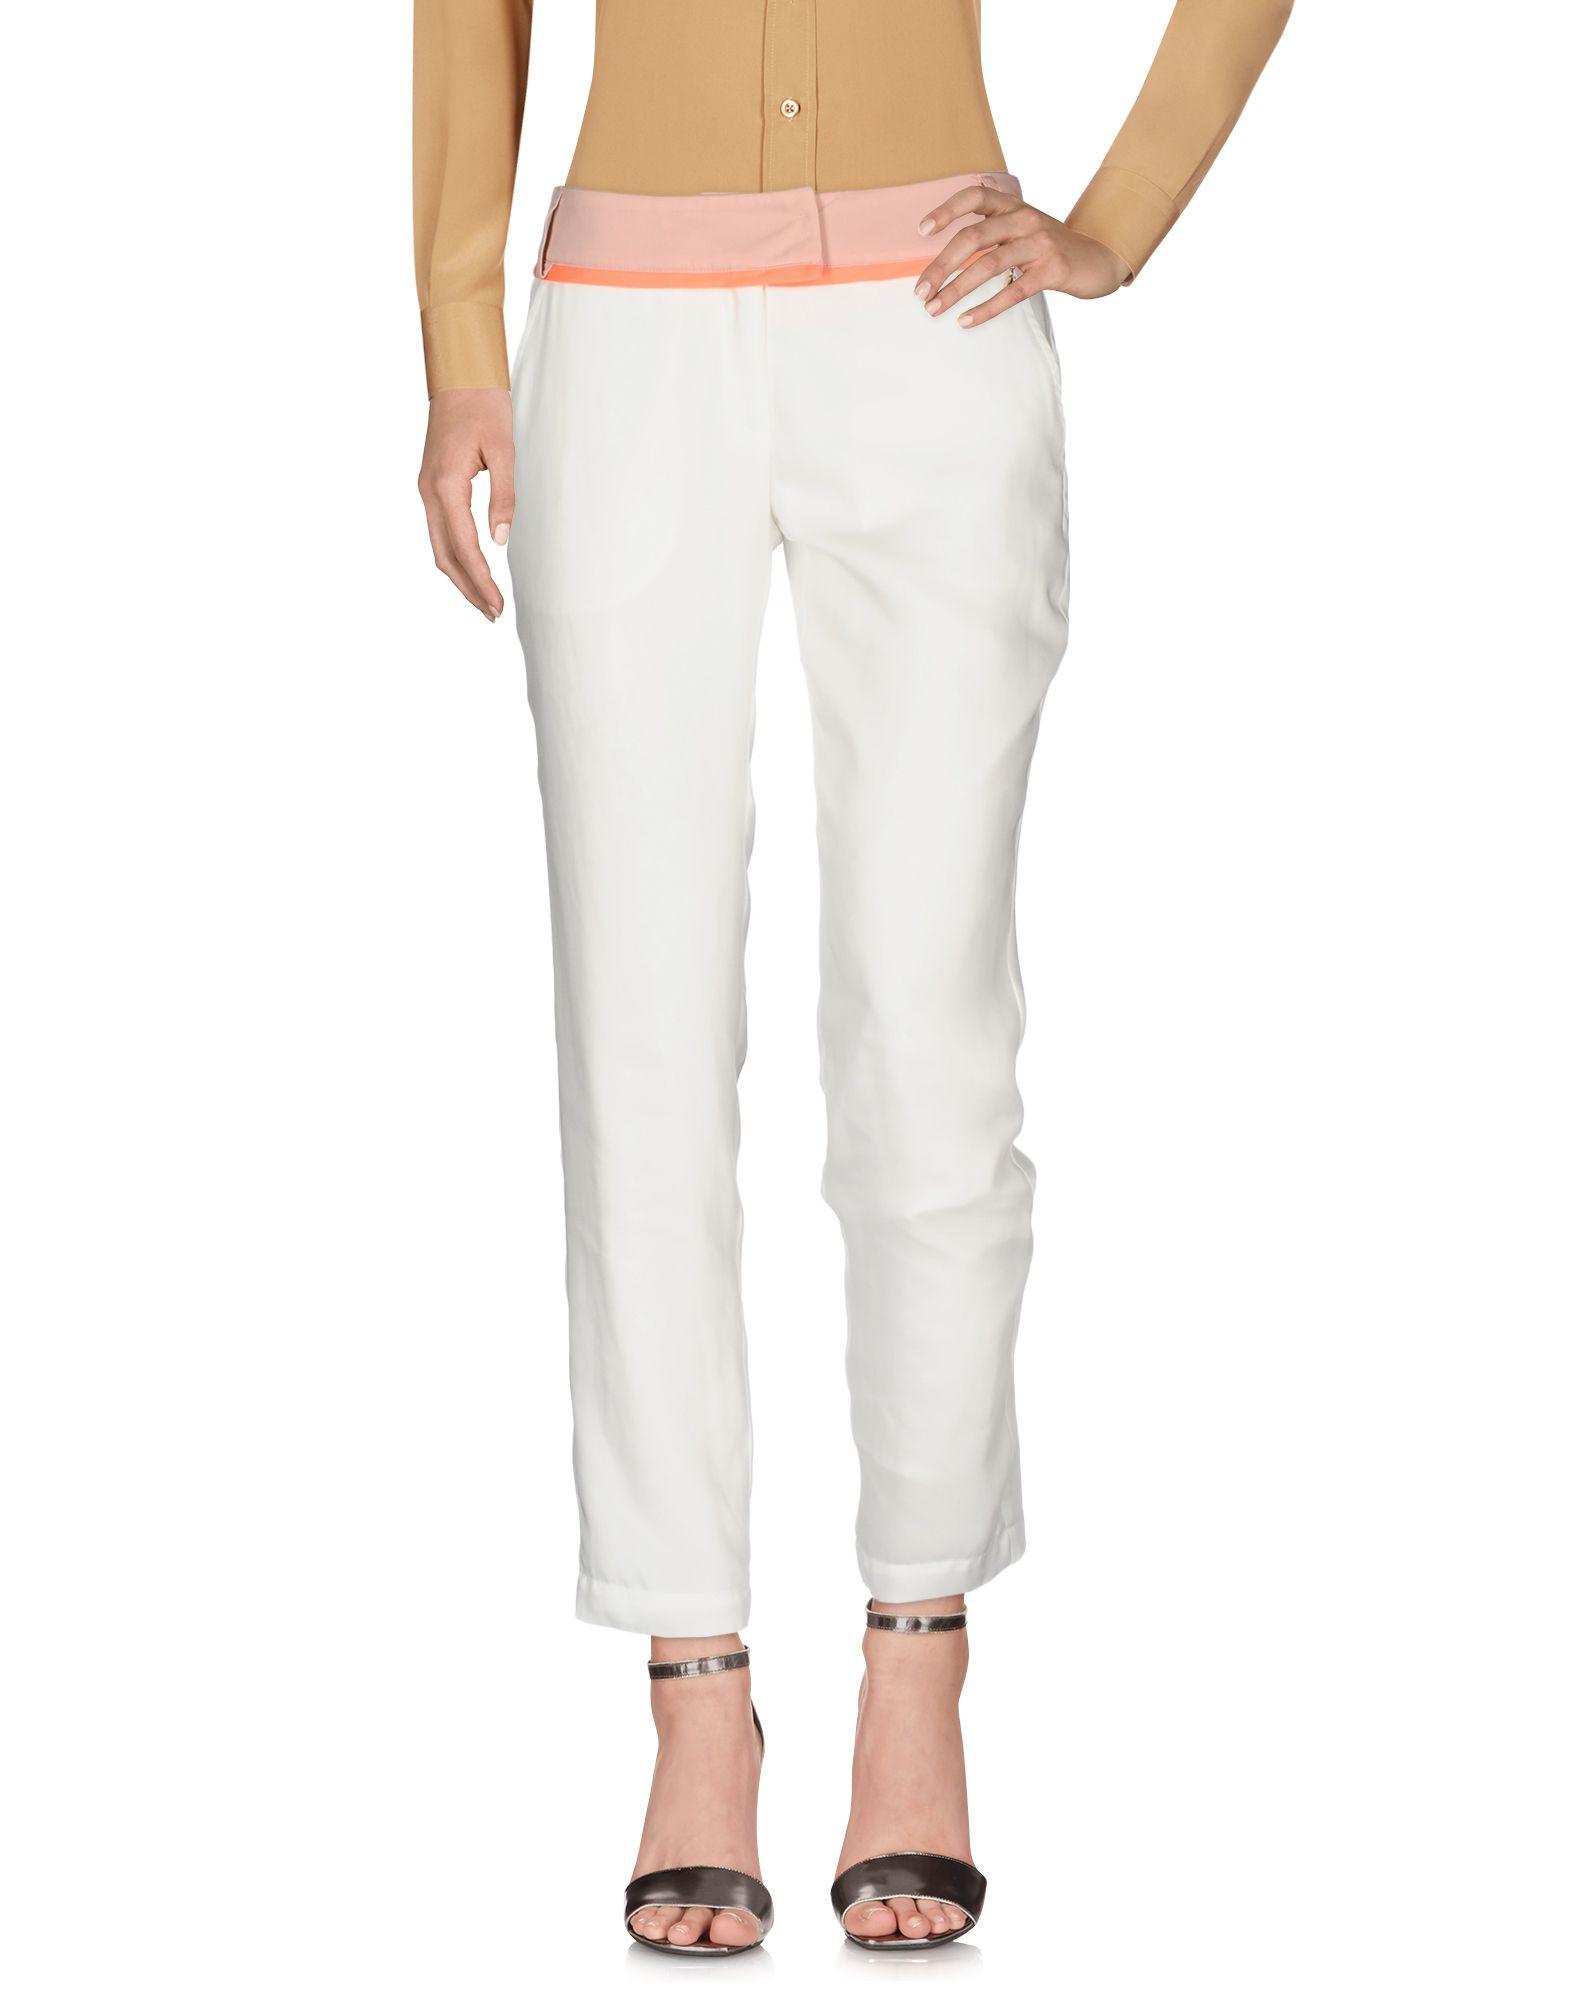 Pantalone Patrizia Pepe Donna - Acquista online su X0eaY89uf